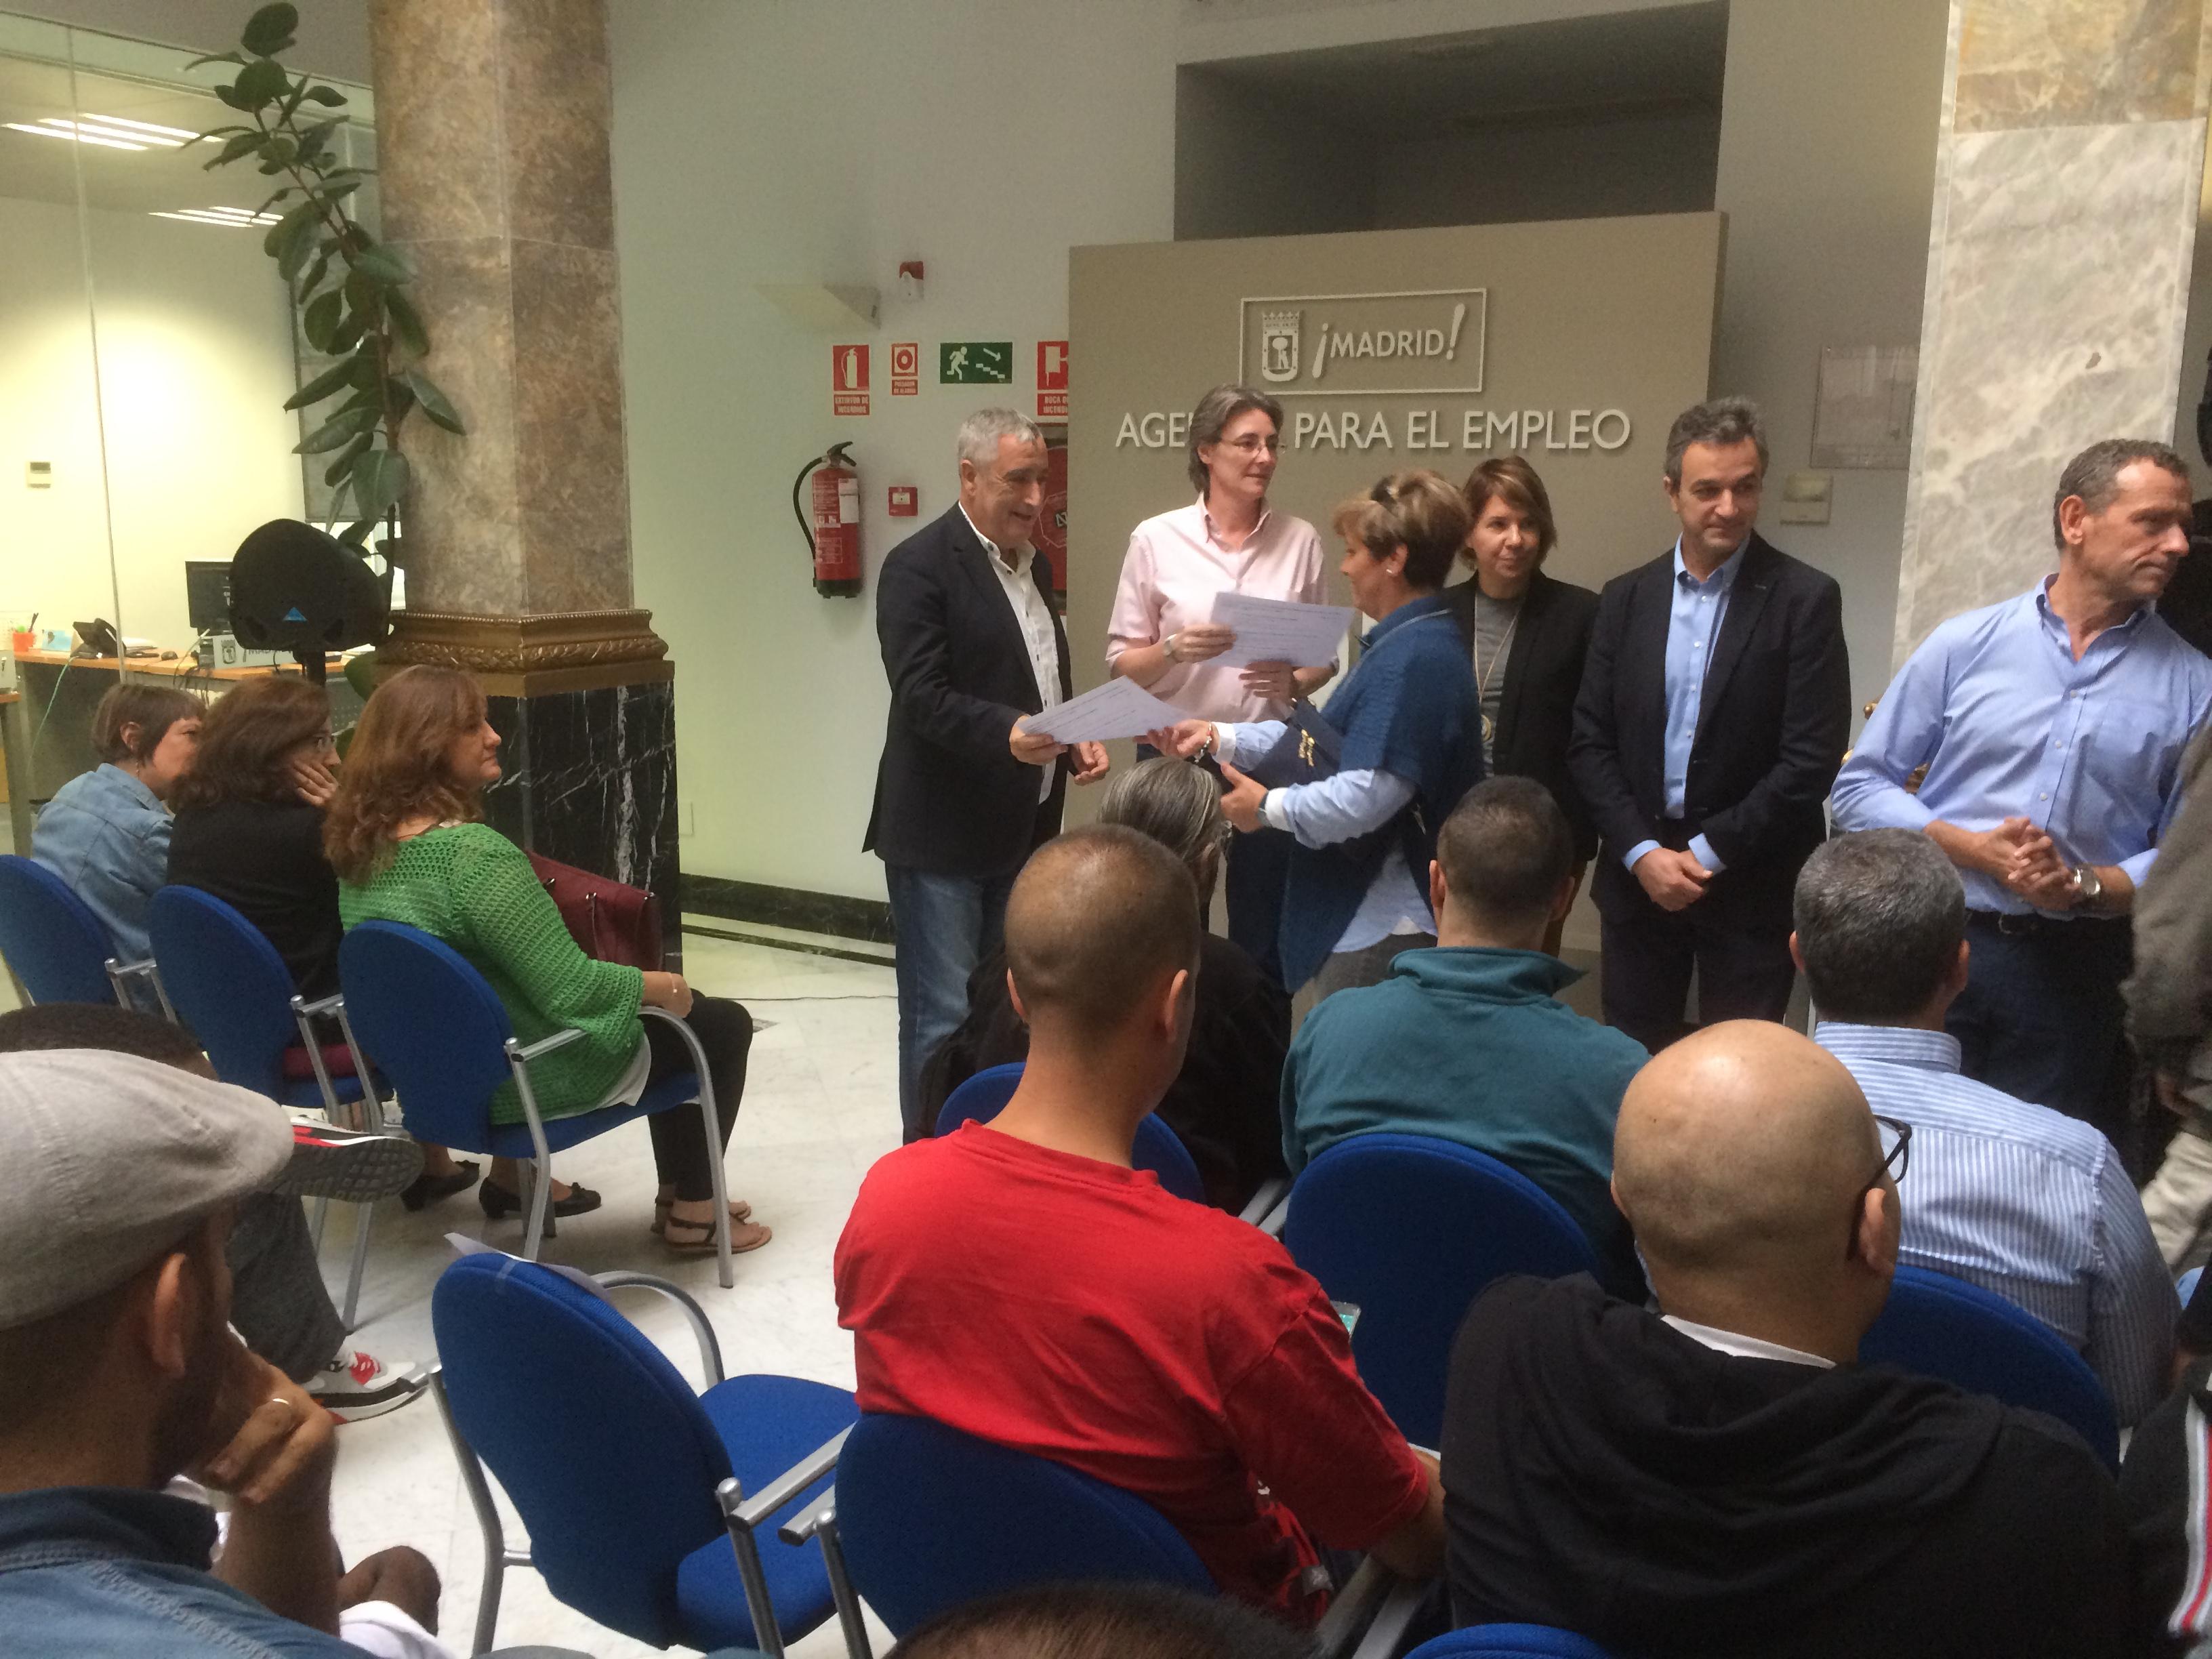 Higueras entrega los diplomas de los talleres de formaci n for Portal empleo madrid